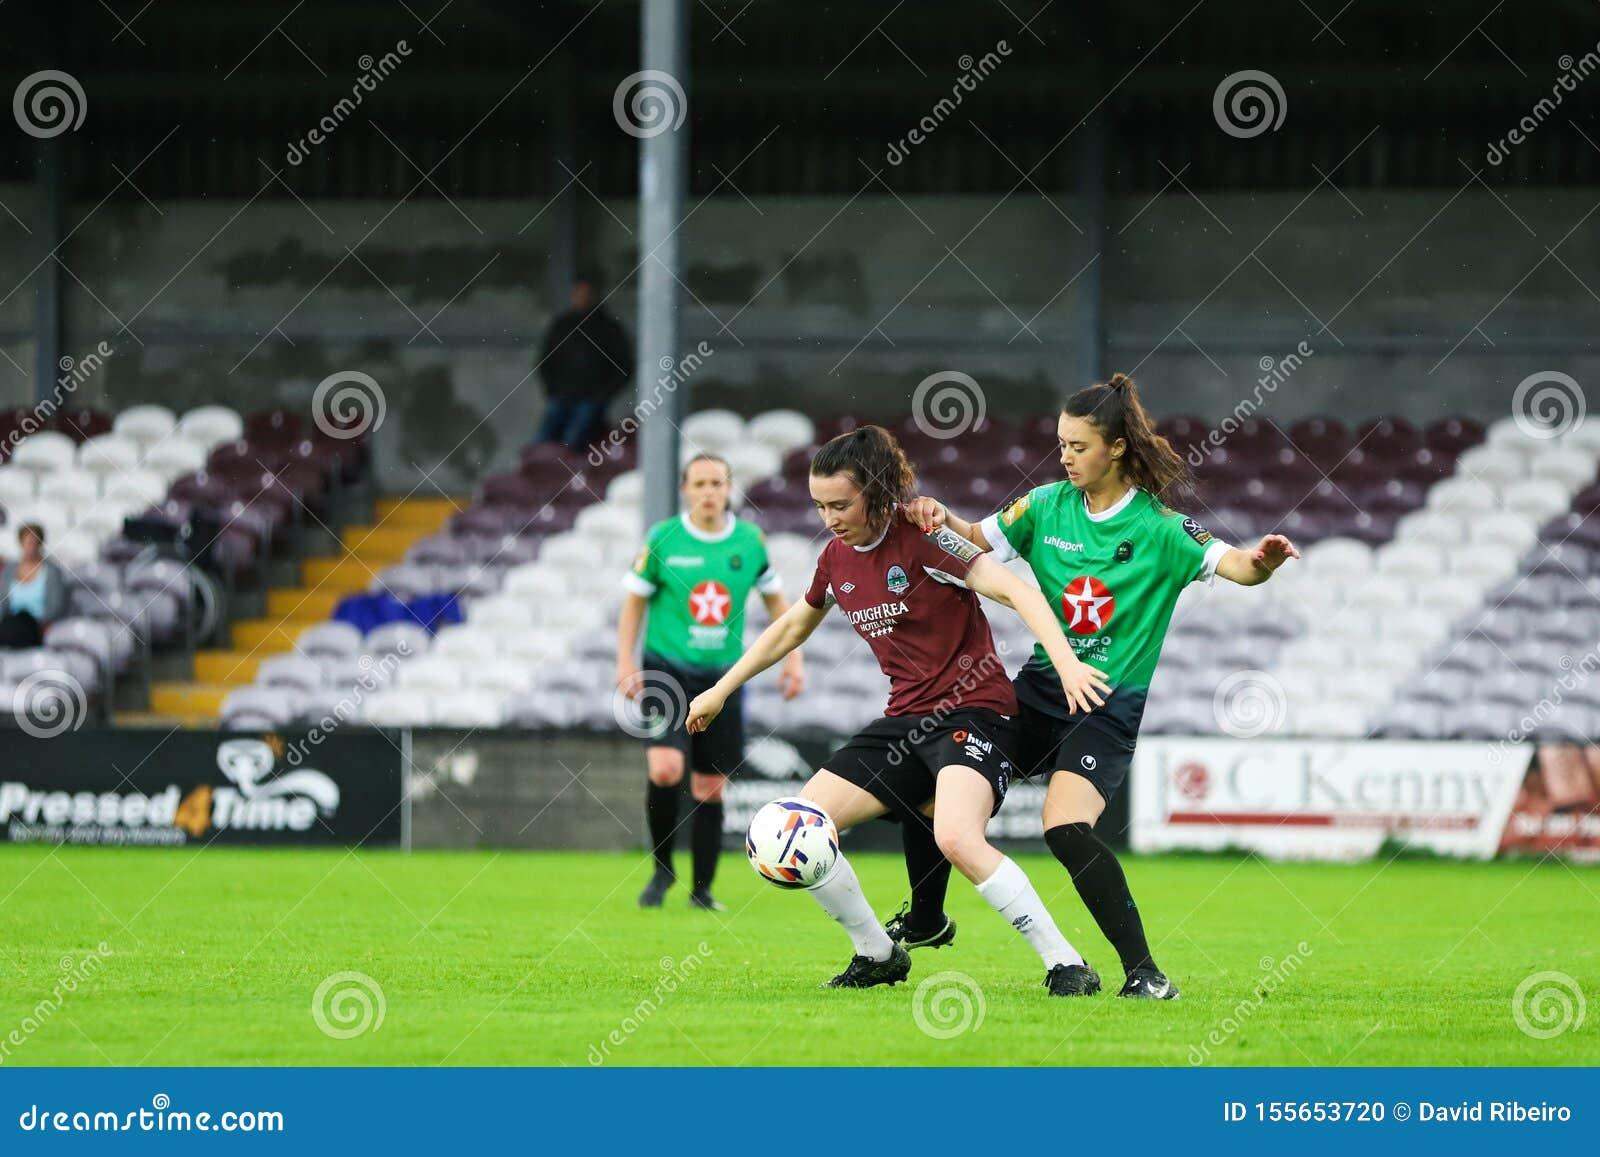 Bundesligaspiel der Frauen: Galway WFC gegen Peamount vereinigte